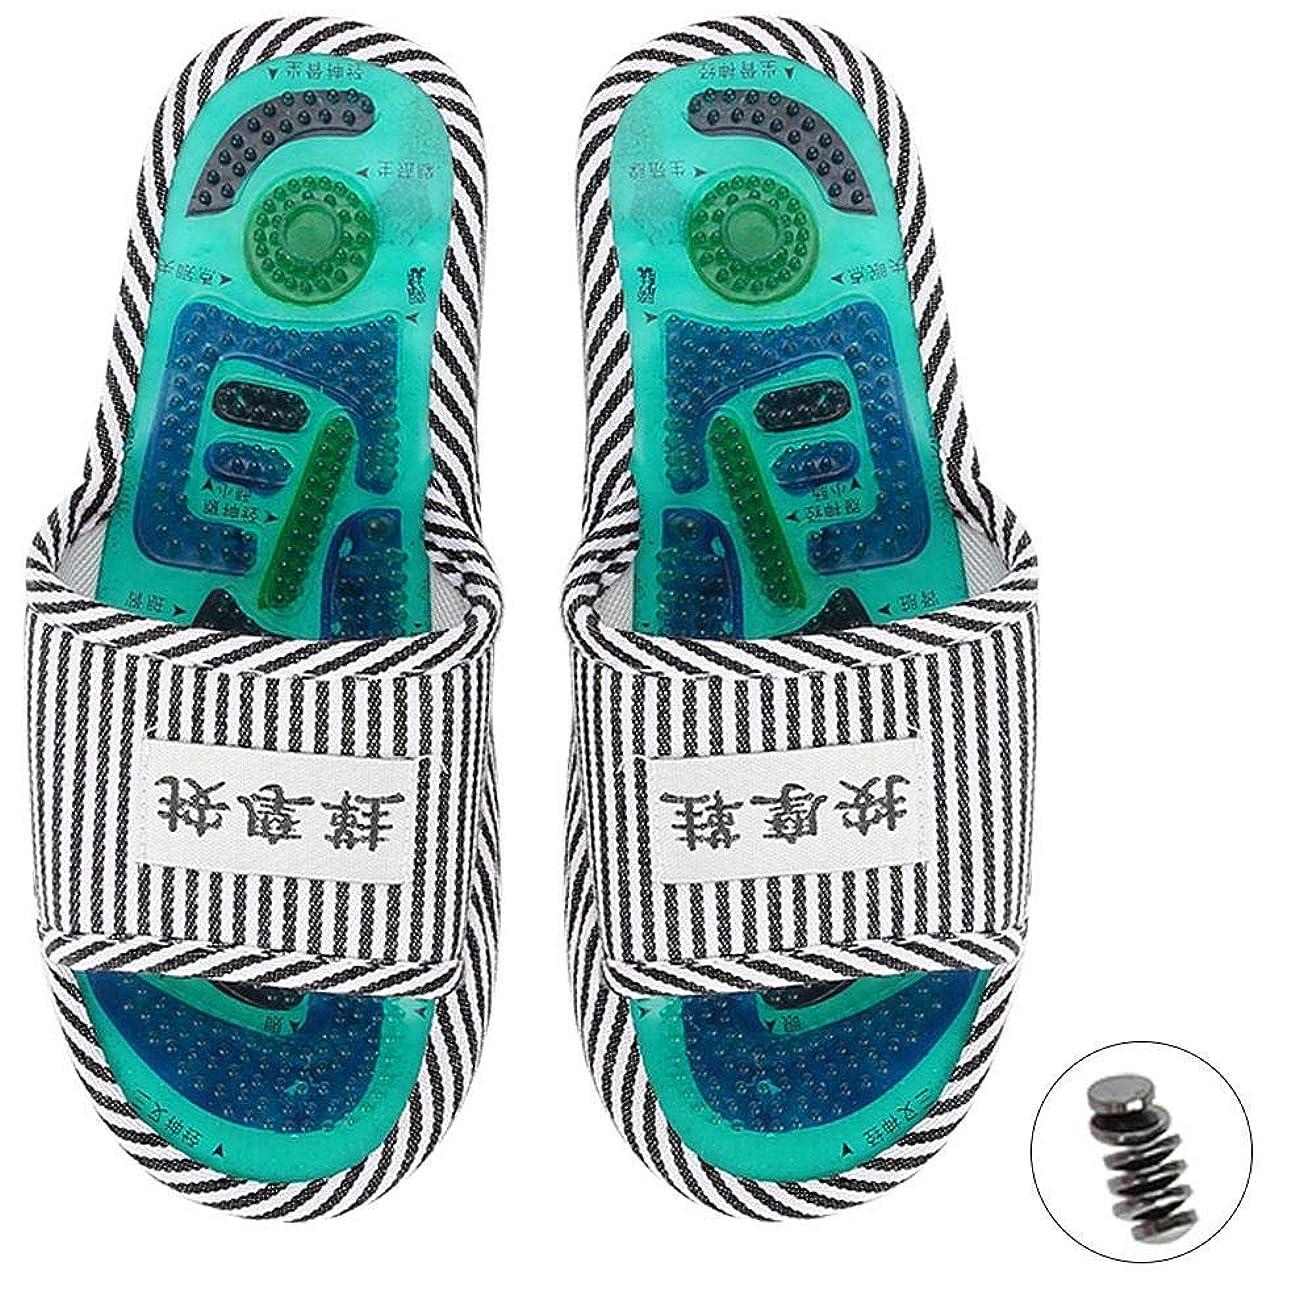 番目潮ビジュアルマッサージスリッパ、足指圧マッサージ 磁気ストーン 健康な足のケア マッサージボール 男性女性用(1)